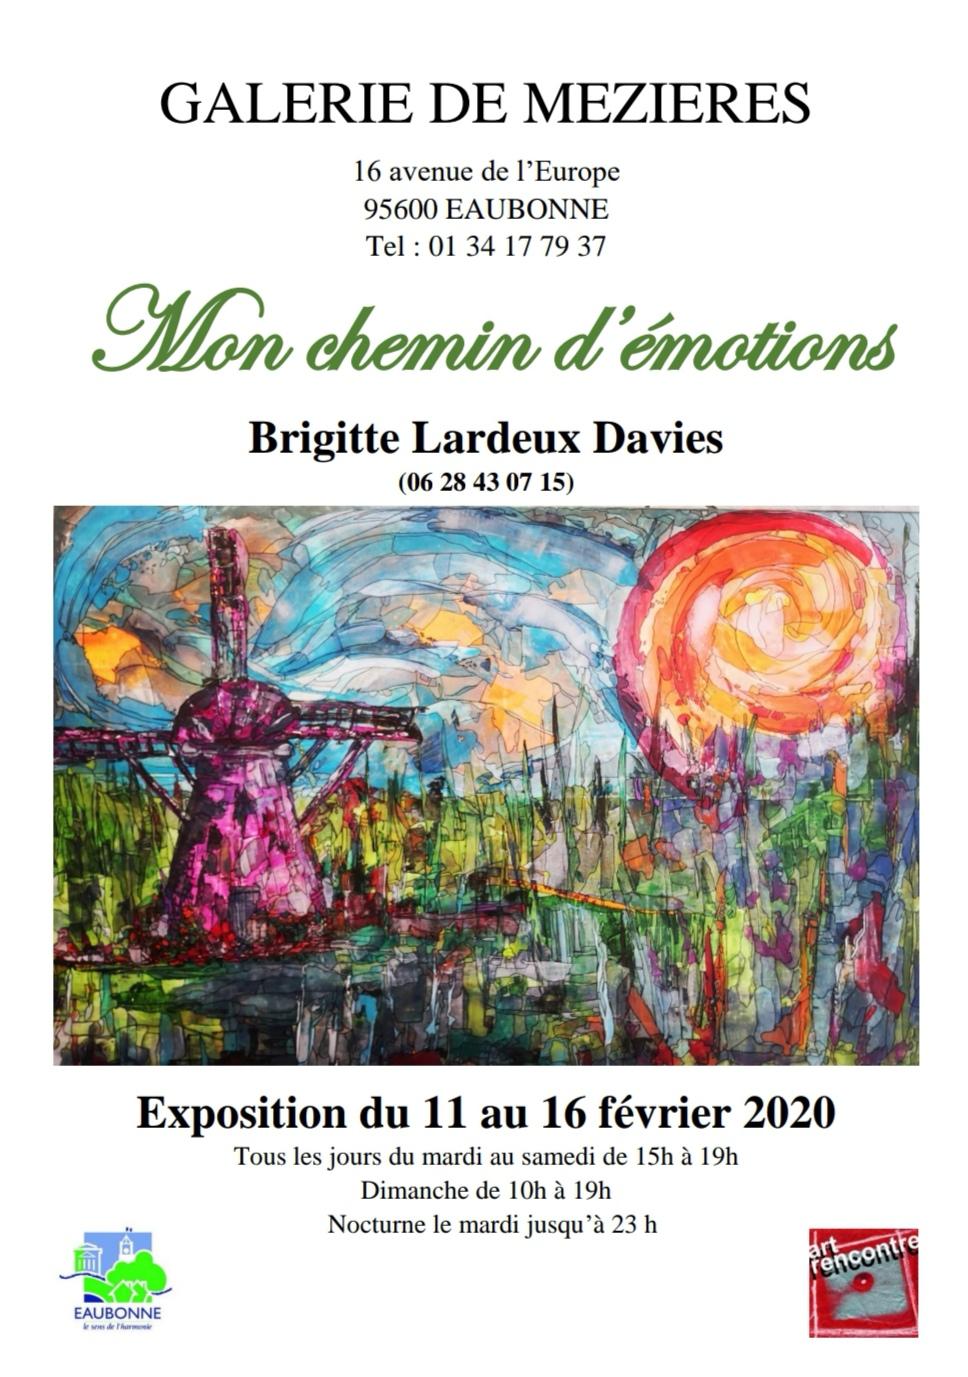 Exposition de Brigitte Lardeux Davies